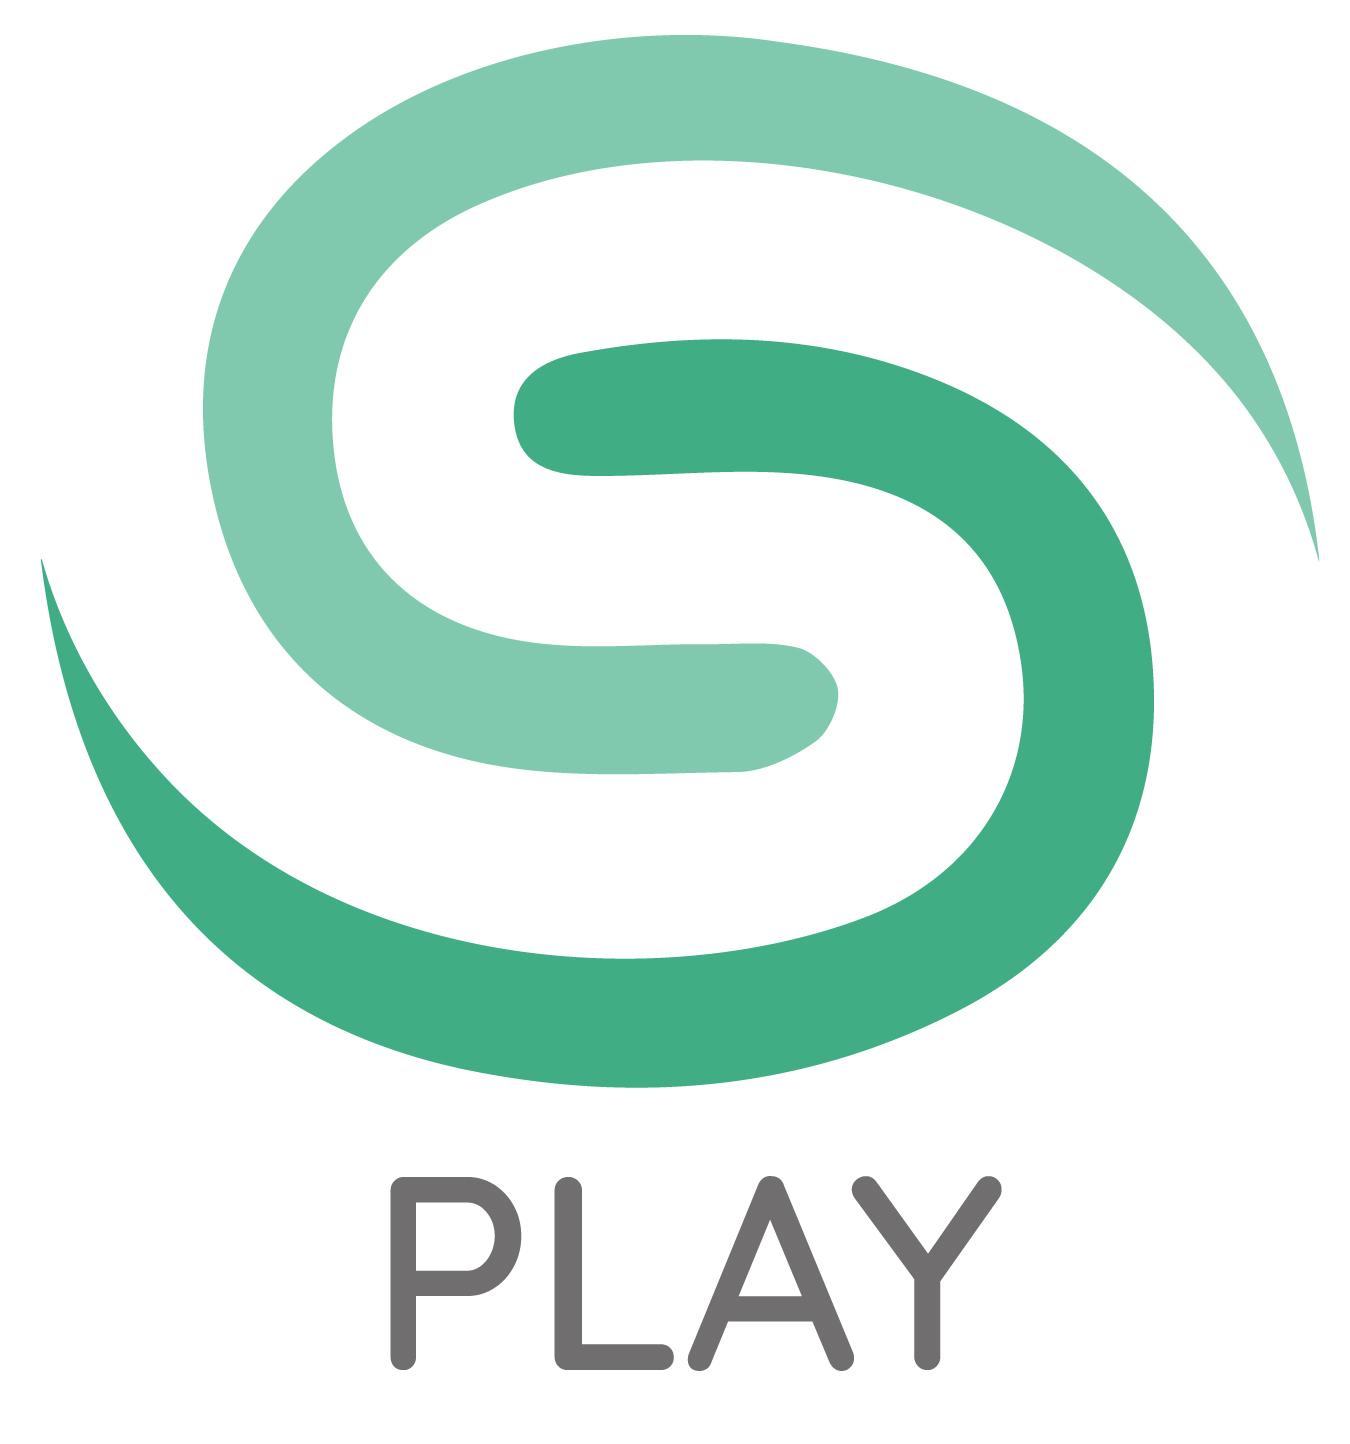 saccinto play